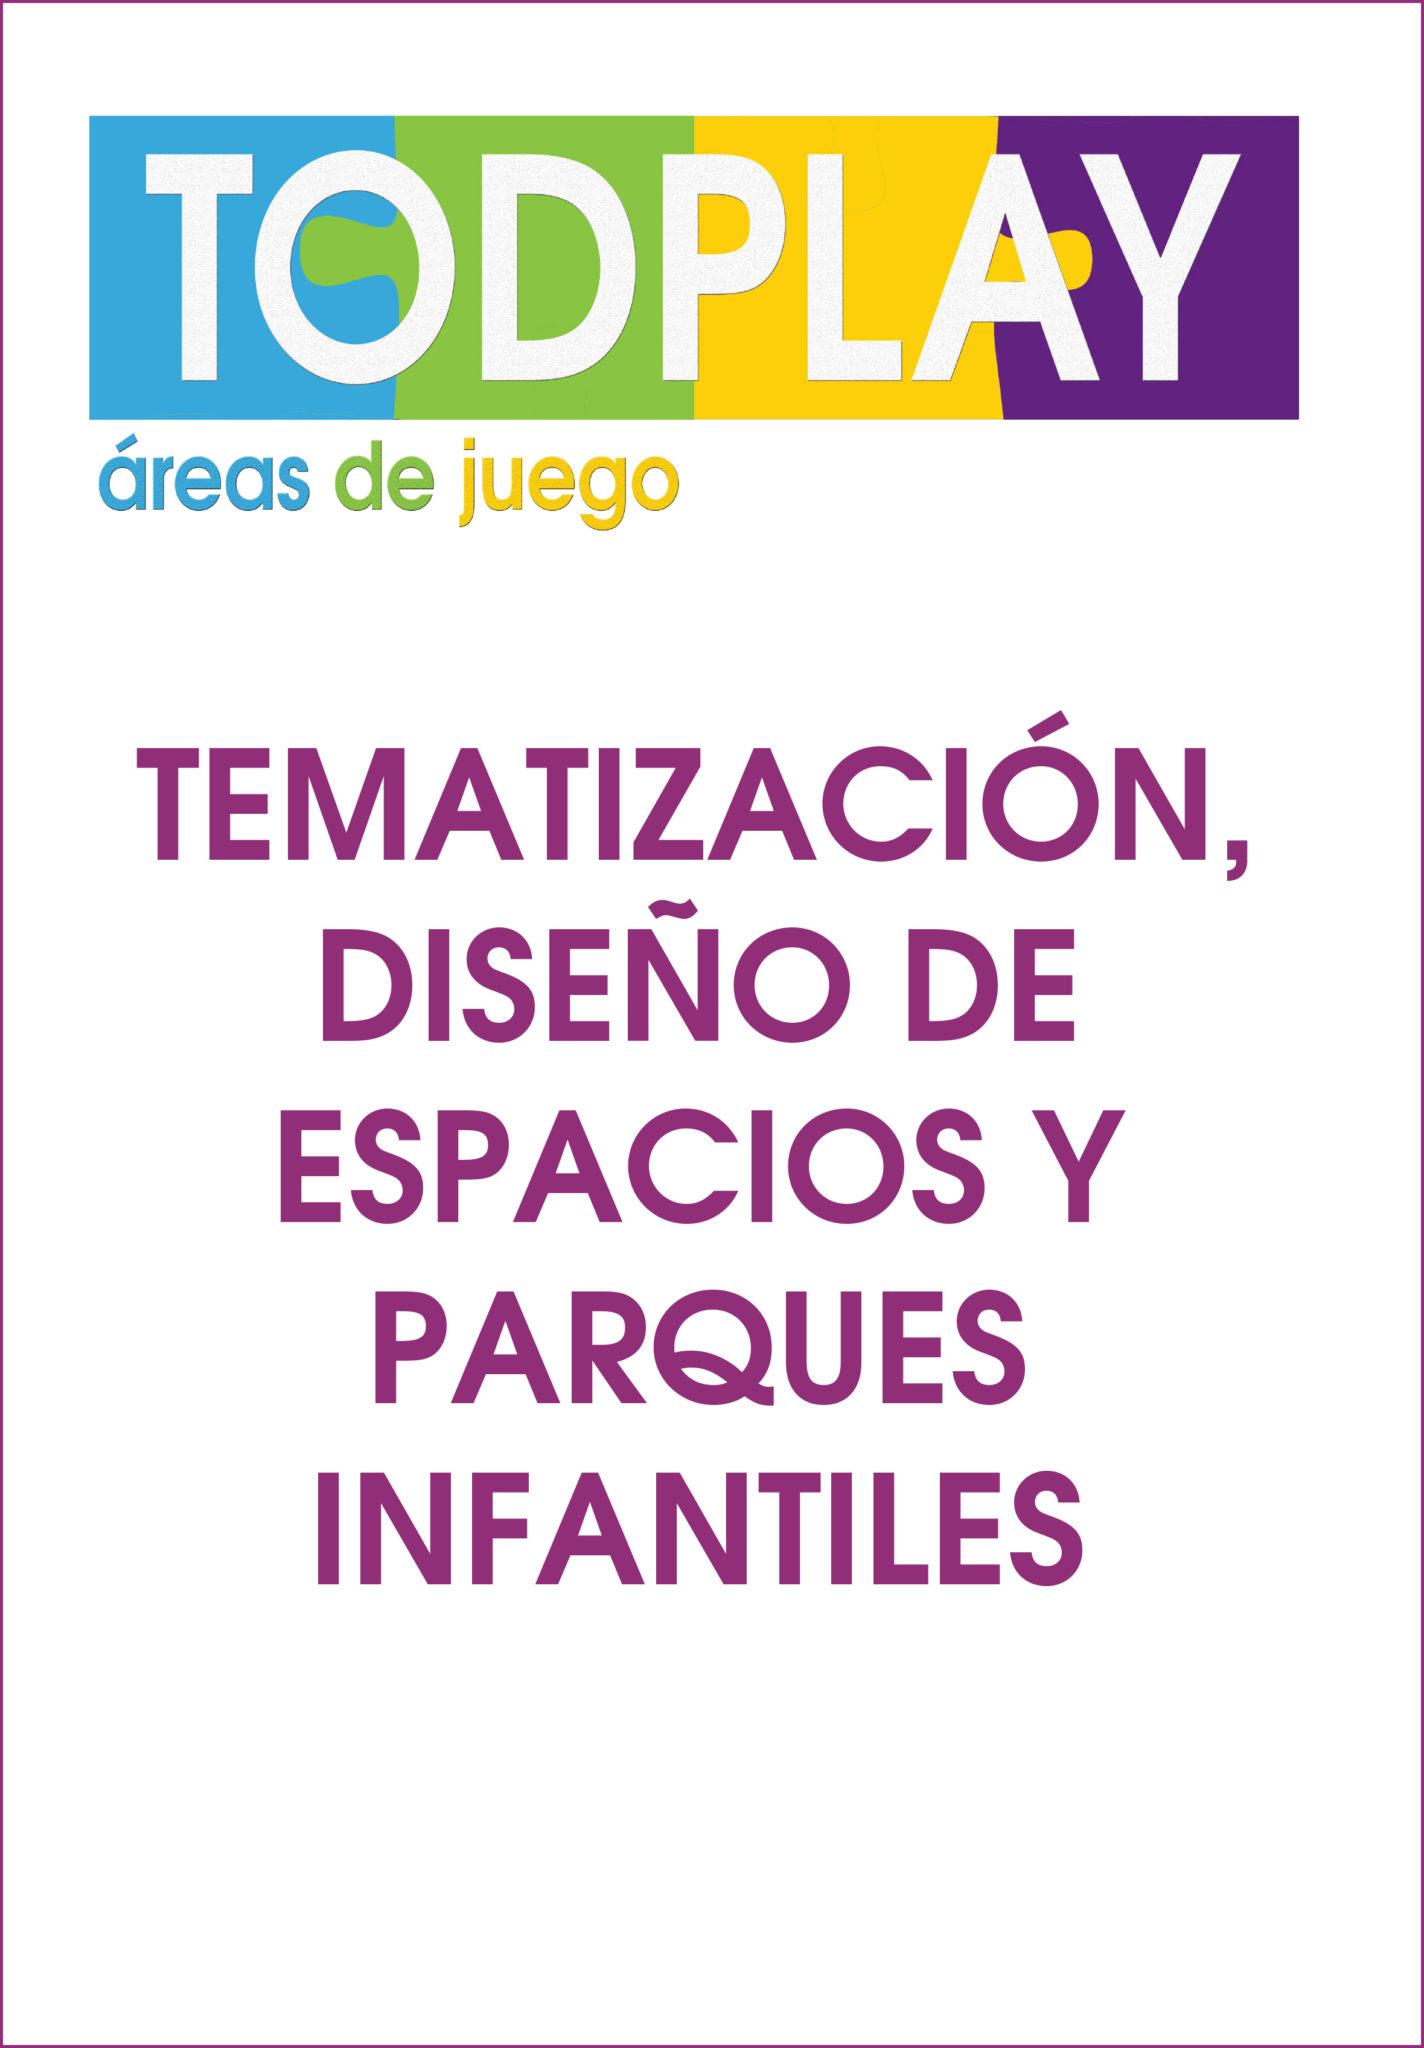 Catálogo-tematizaciones-Todplay